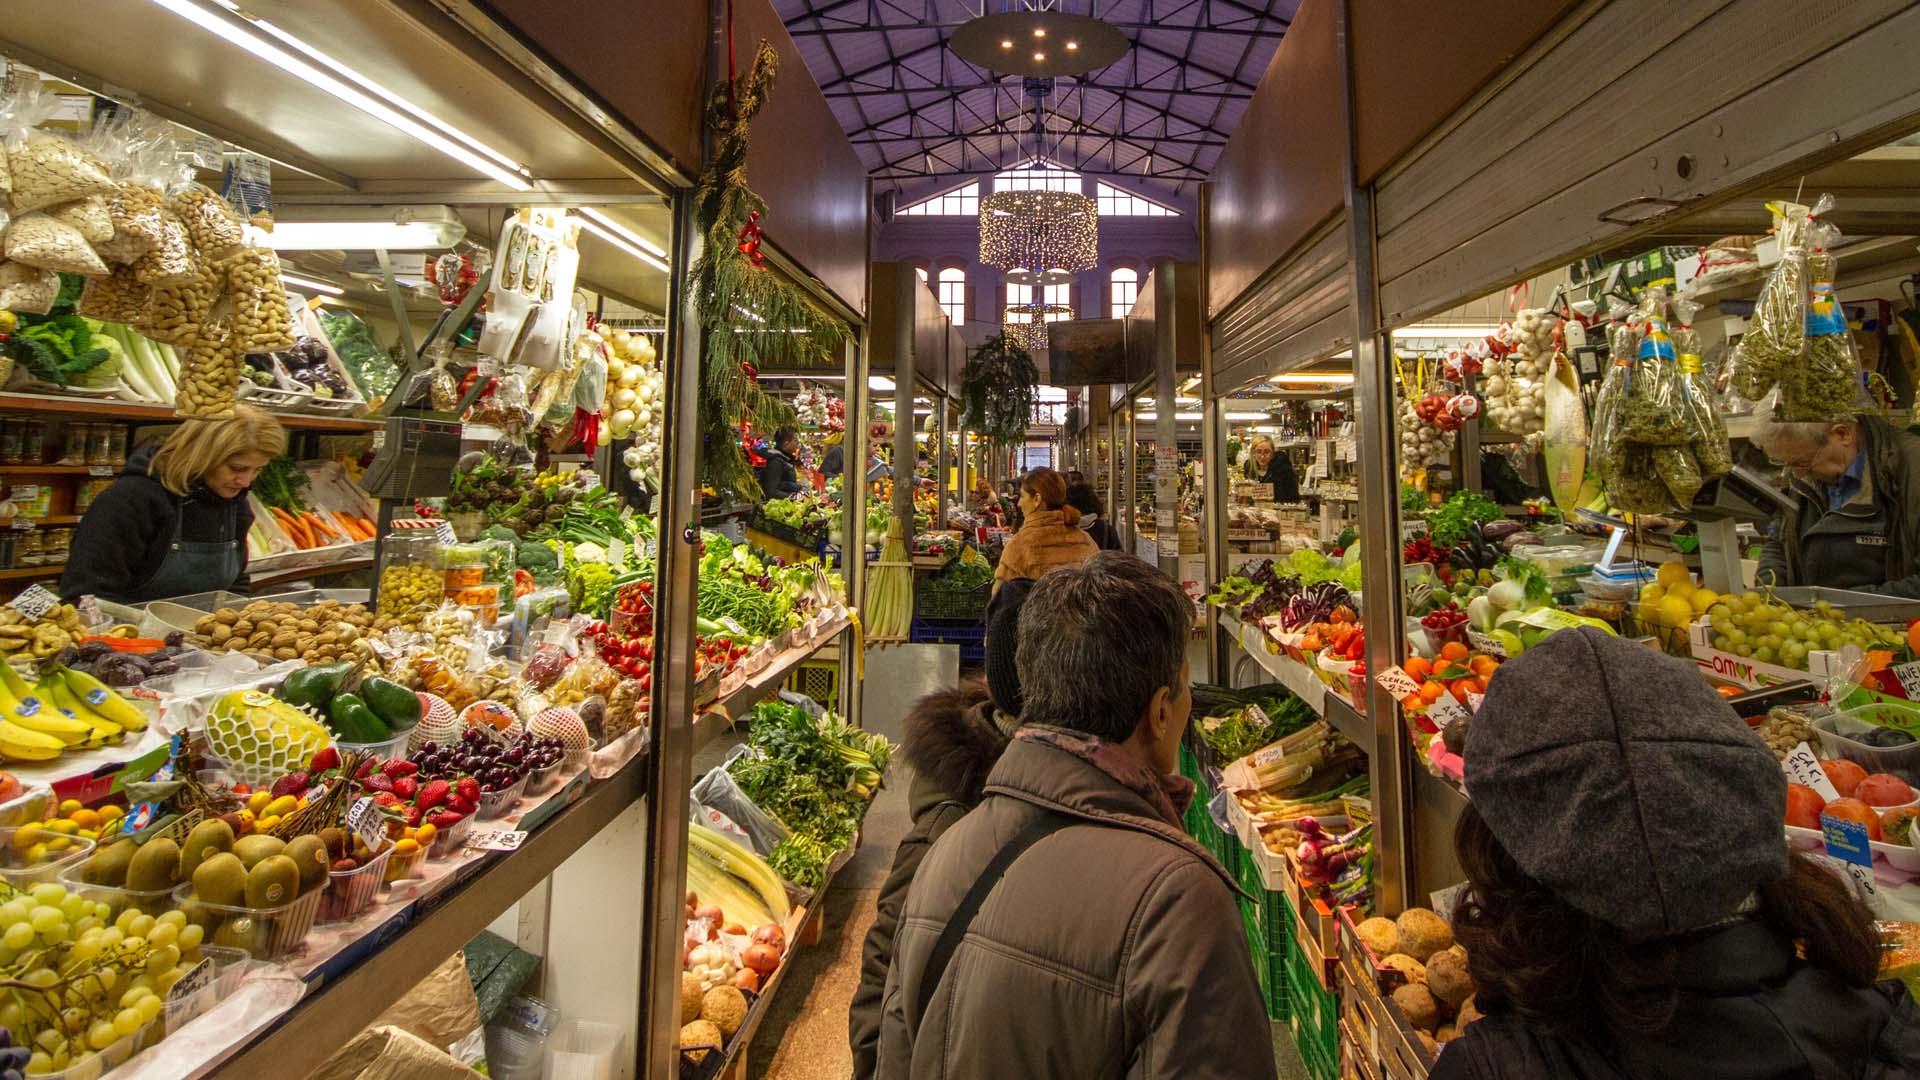 Гид Юлия Насырова: Экскурсия по старинным рынкам Болоньи (превью)